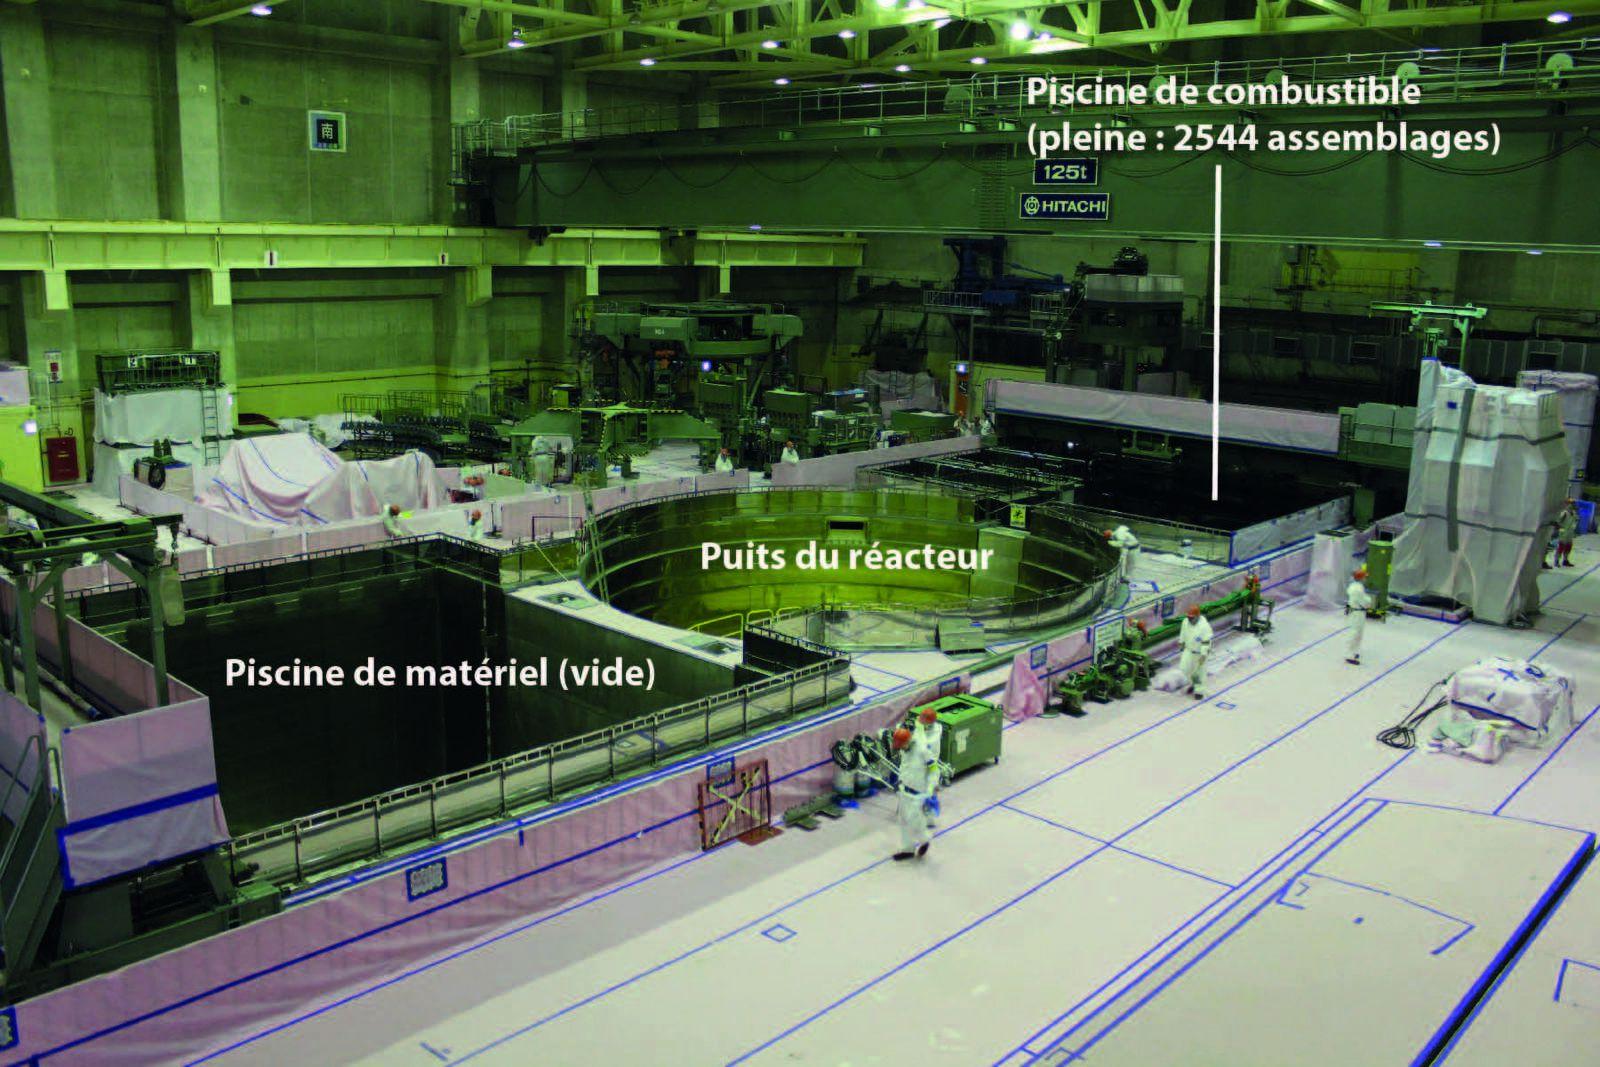 Piscine de Fukushima Daini : c'est beau, c'est propre, mais c'est extrêmement dangereux